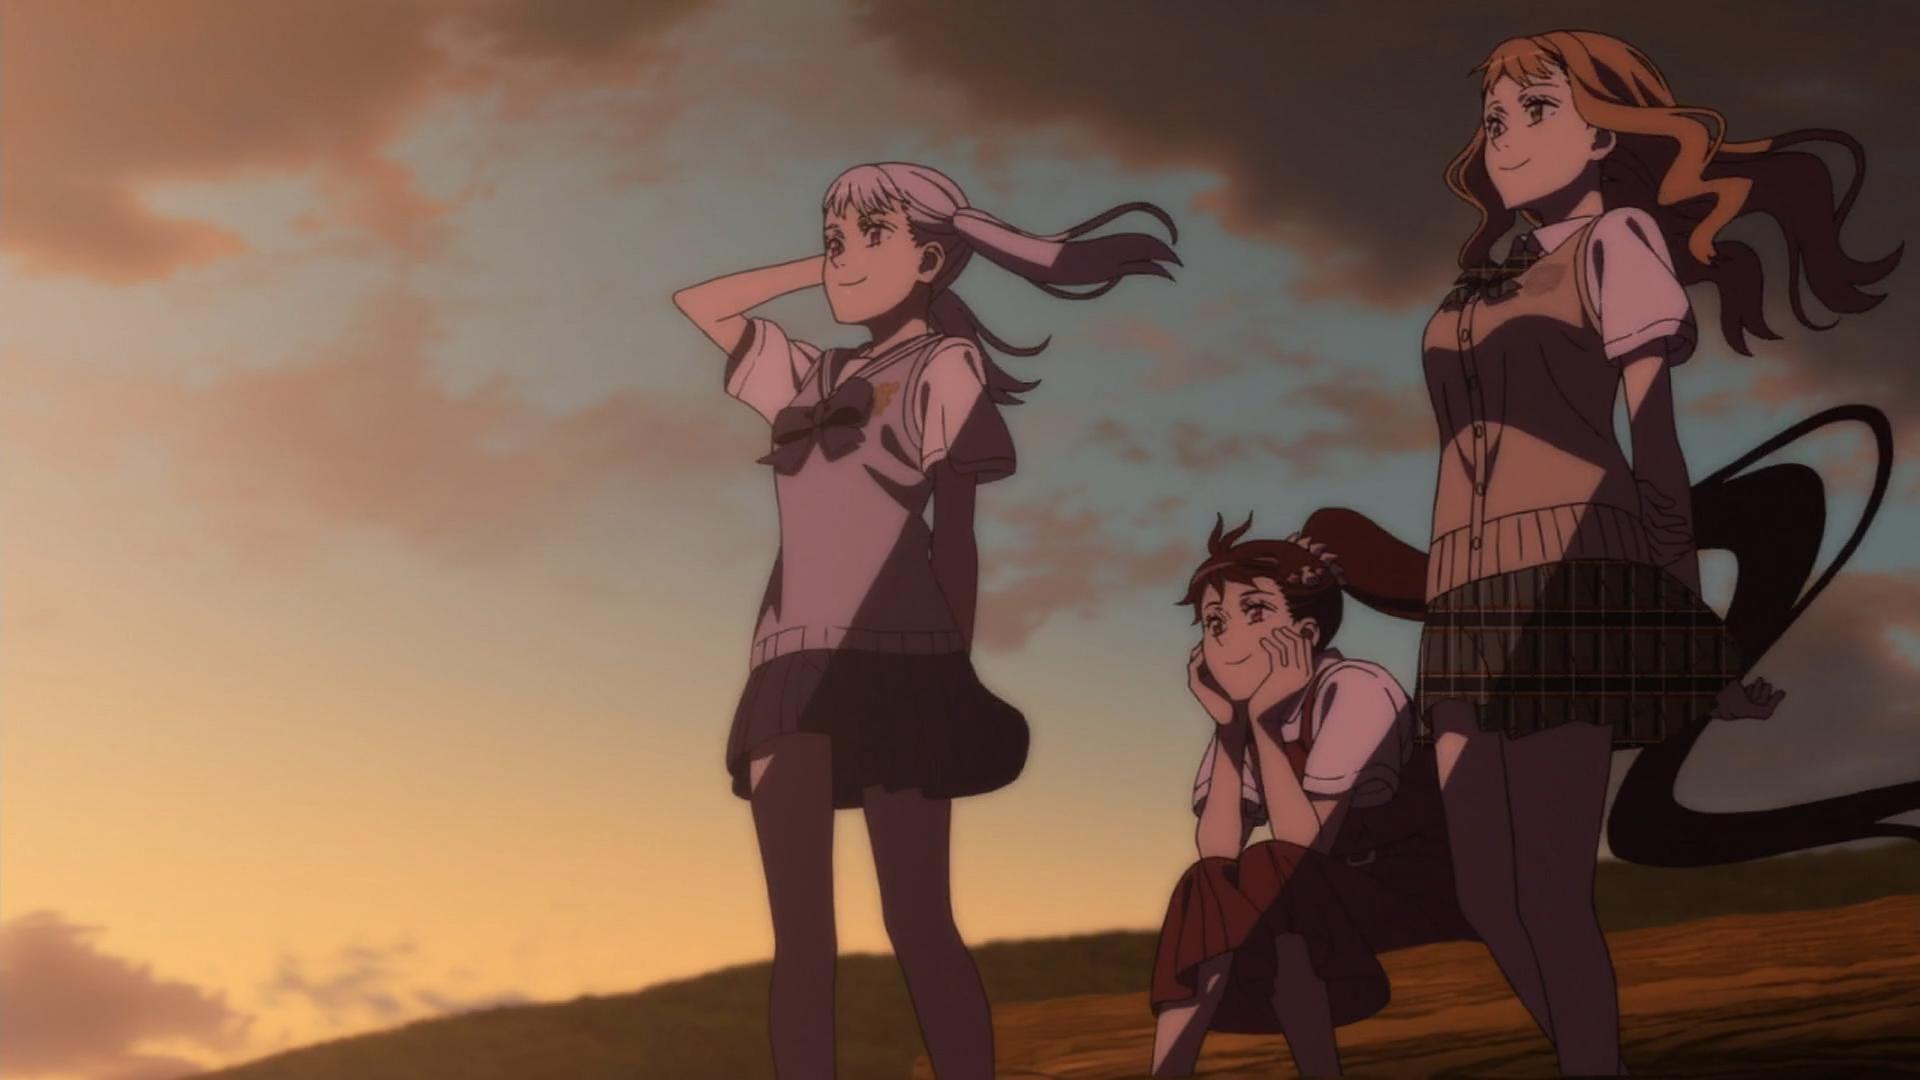 Wallpaper Black Clover Anime Girls Sky 1920x1080 Nasy